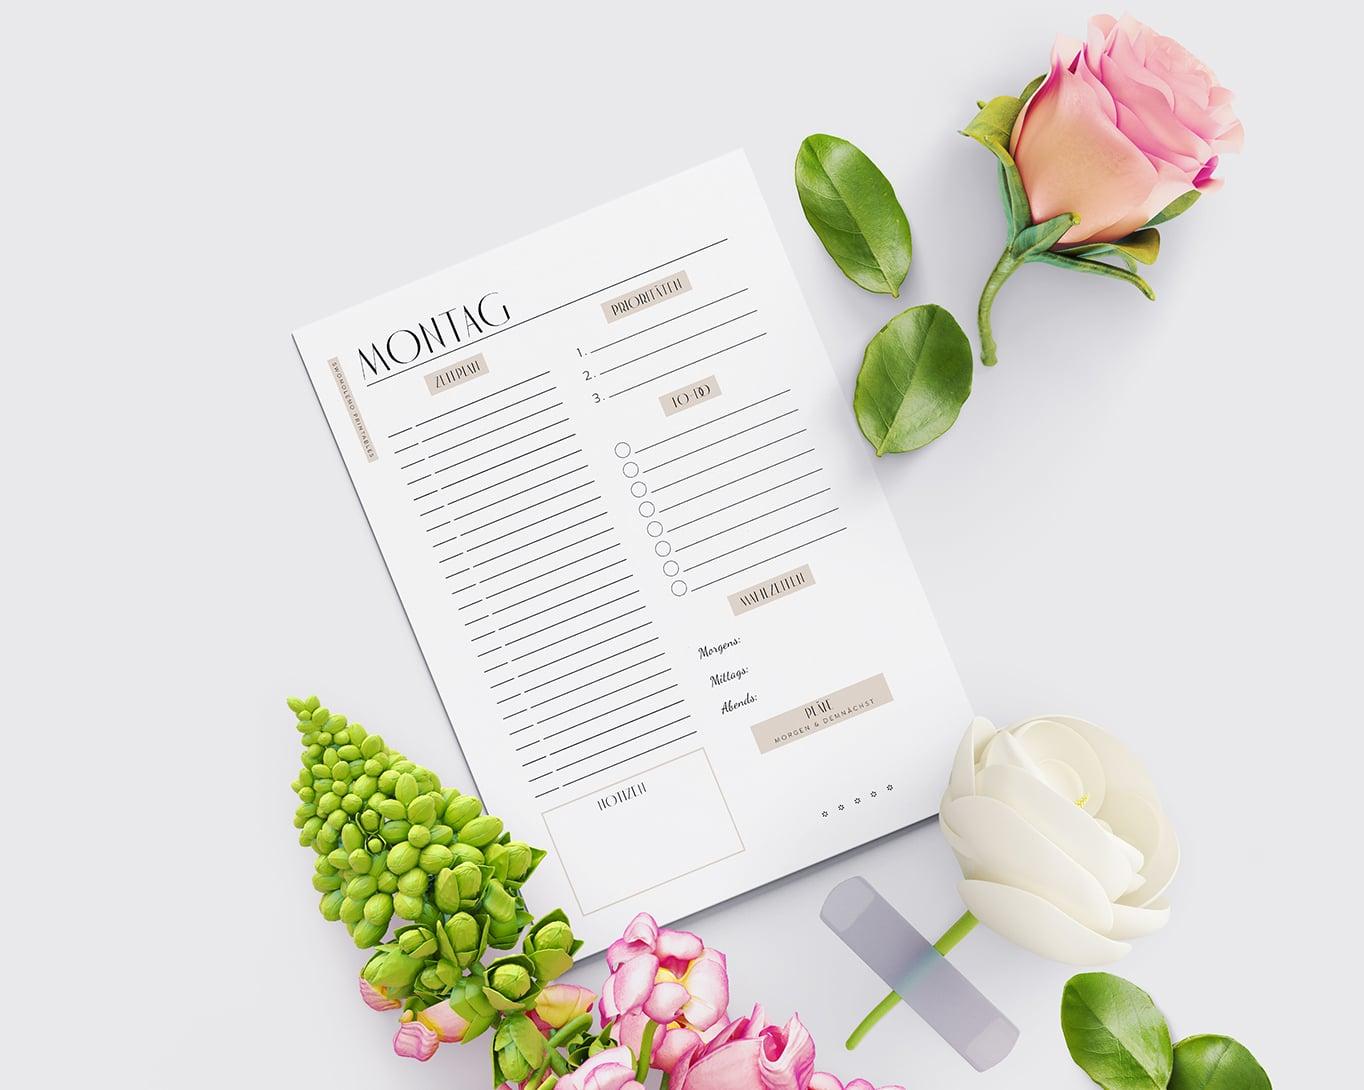 Tagesplan_ausfüllbar_zum_ausdrucken_Vorlage_pdf